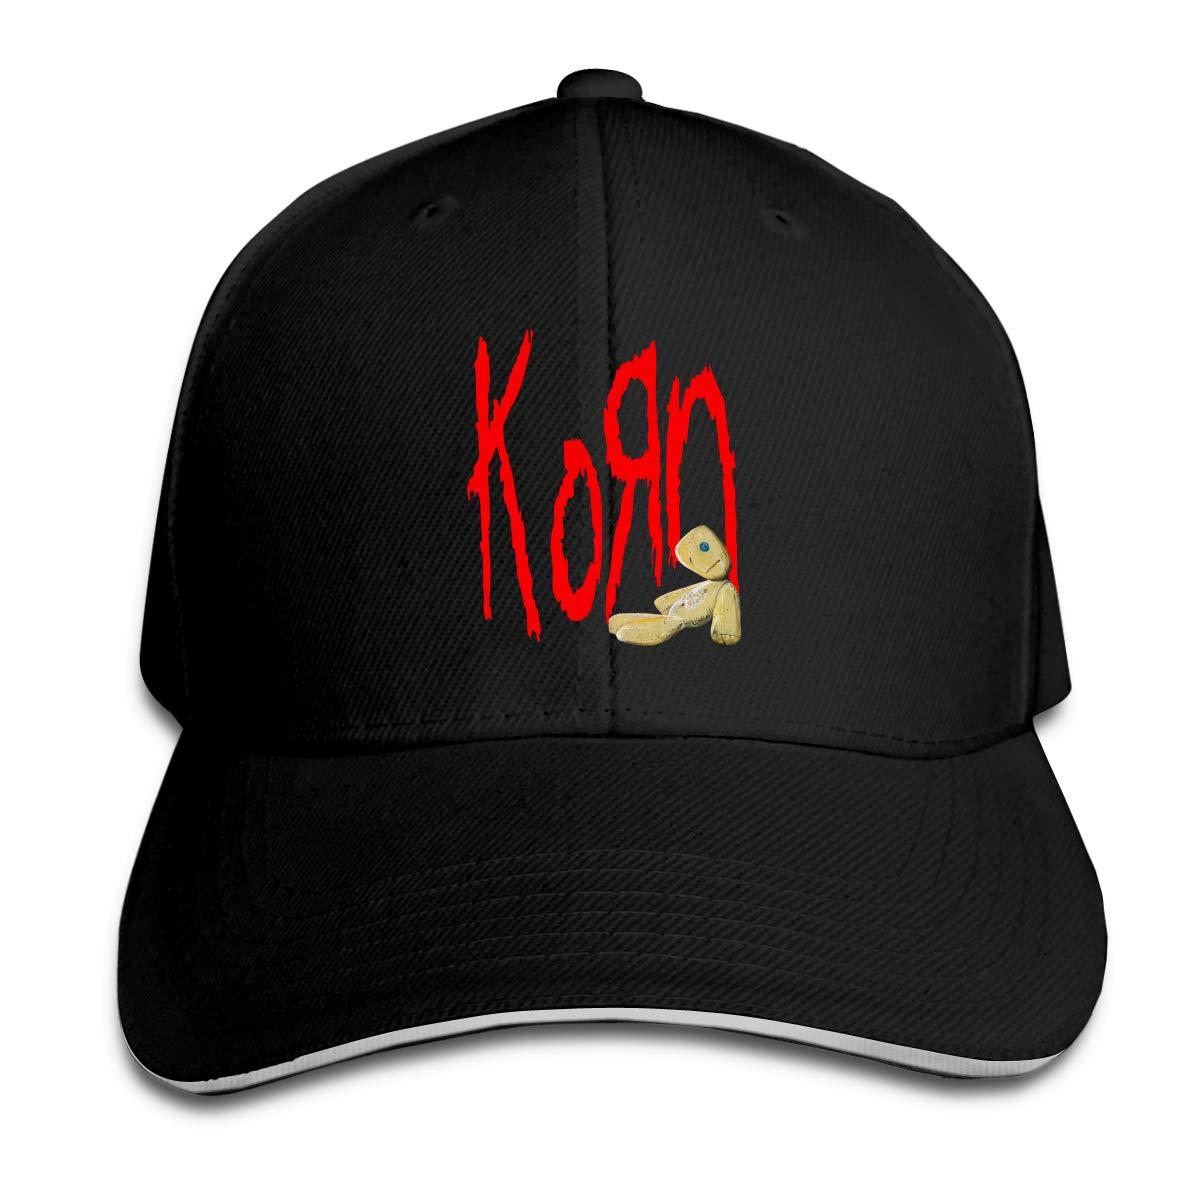 Cappellini James Home Regolabile Unisex da Donna Uomo Korn ...